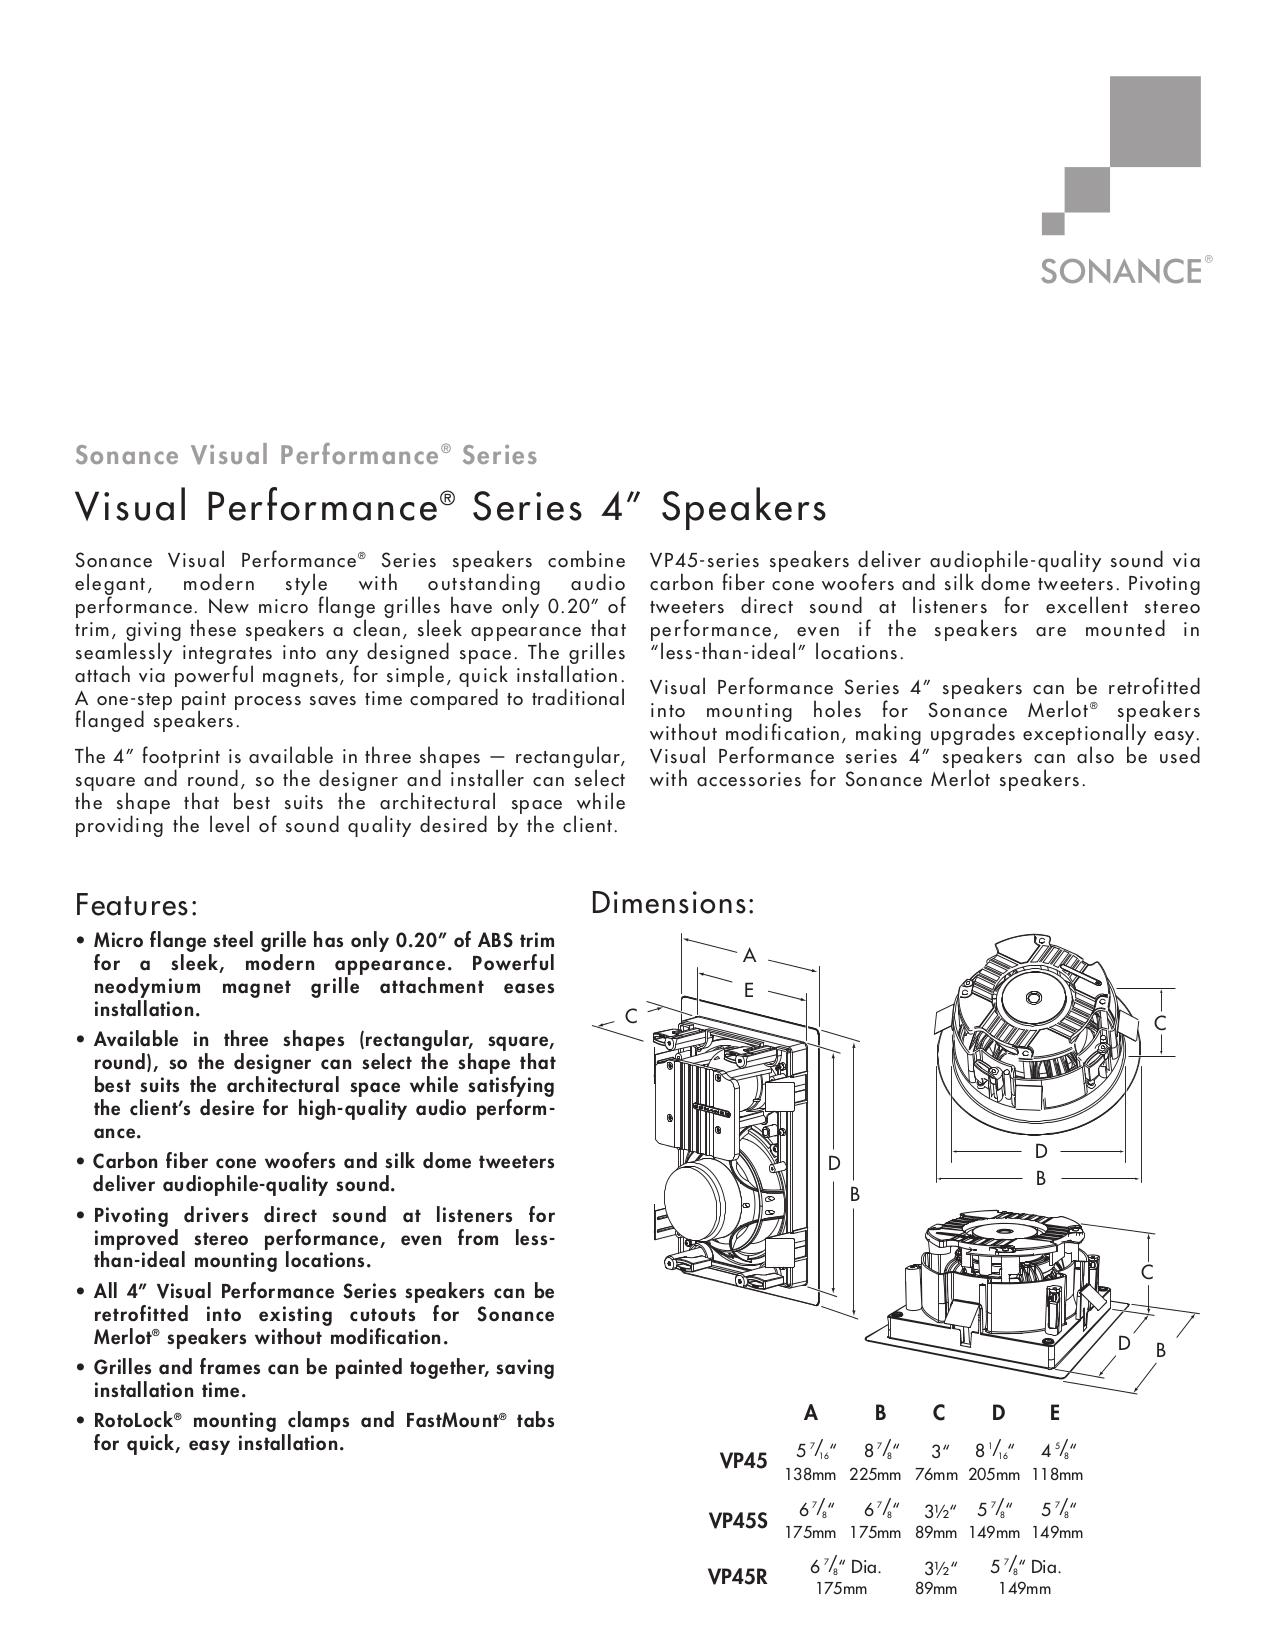 download free pdf for sonance visual performance vp45r speaker manual rh umlib com